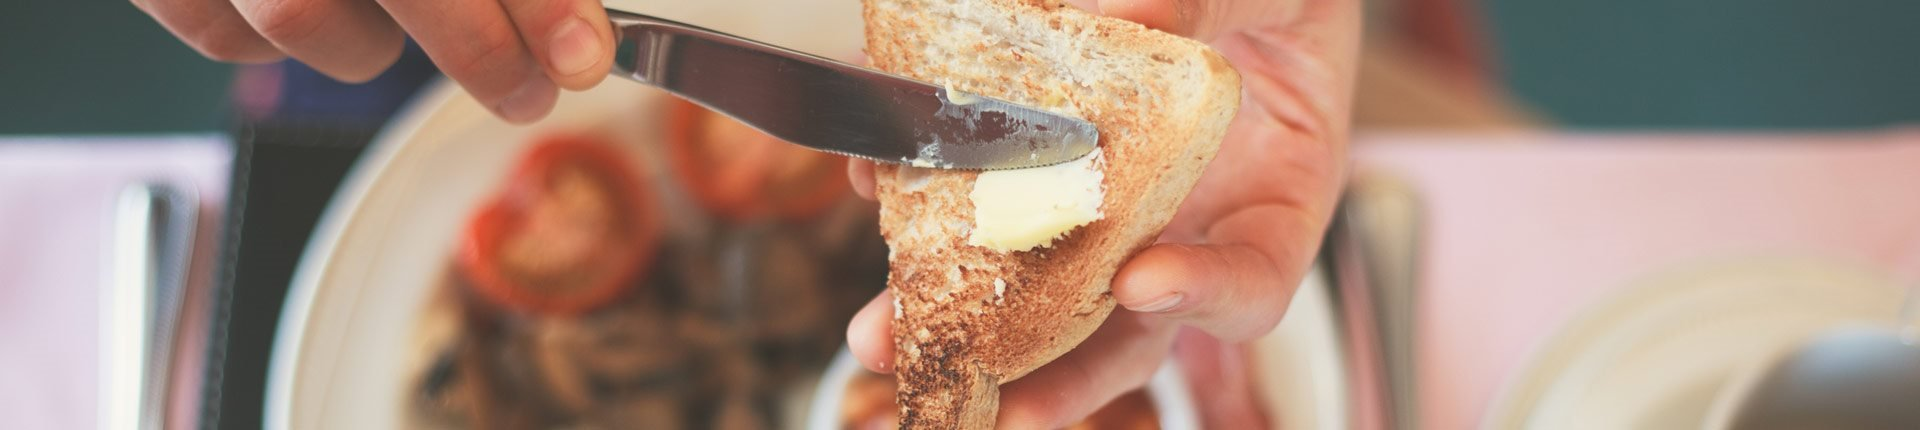 Pomijanie śniadania zaburza rytm wydzielania kortyzolu i powoduje otyłość